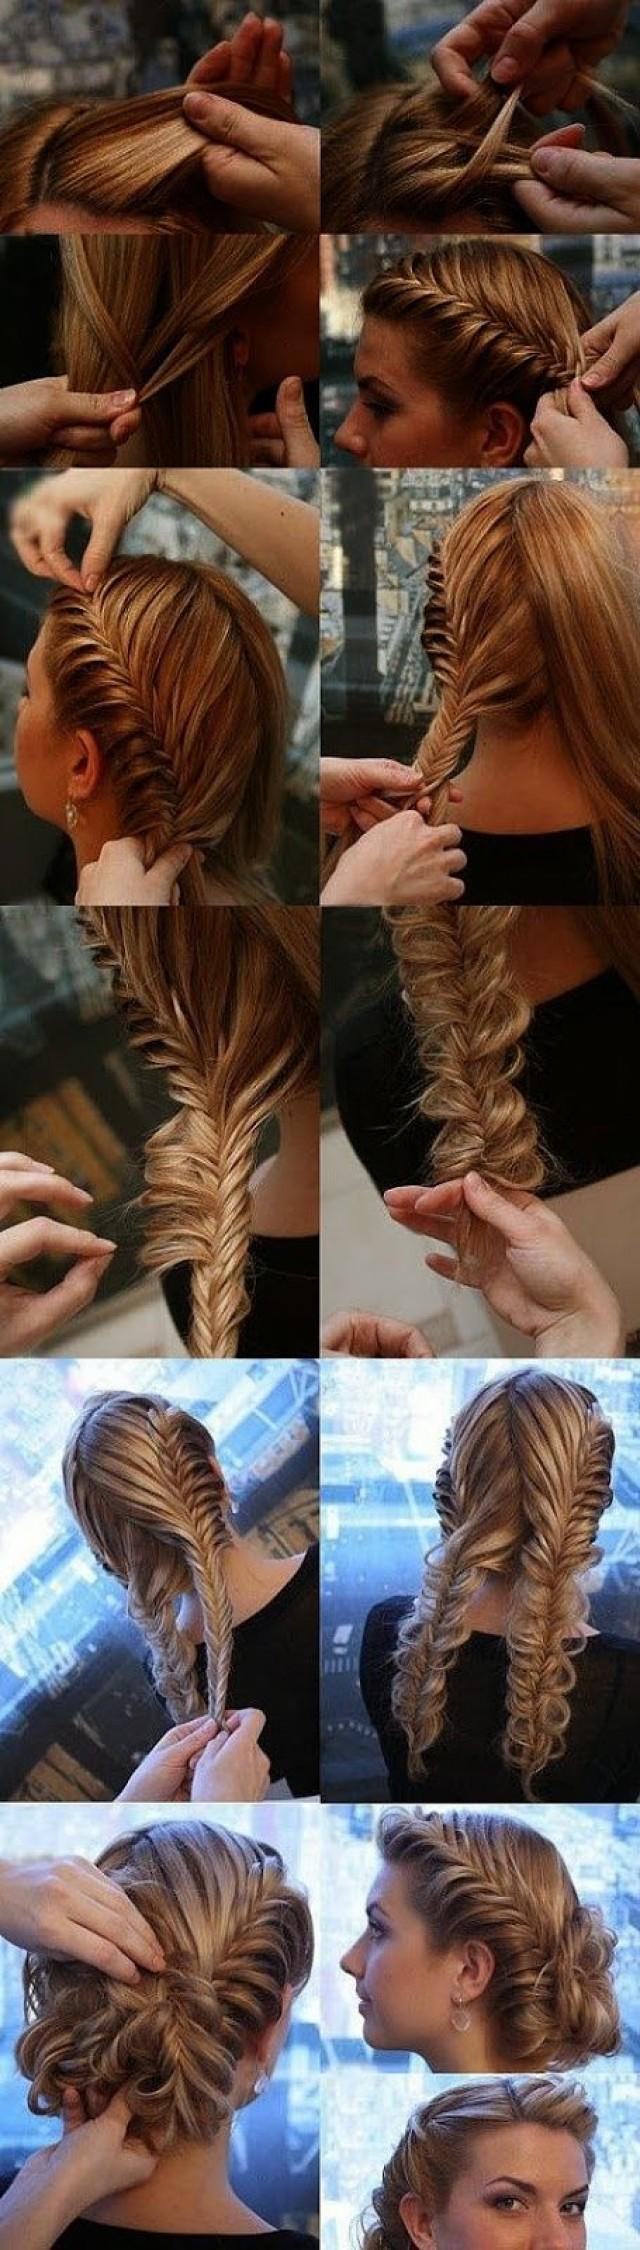 Причёски своими руками пошагово косы